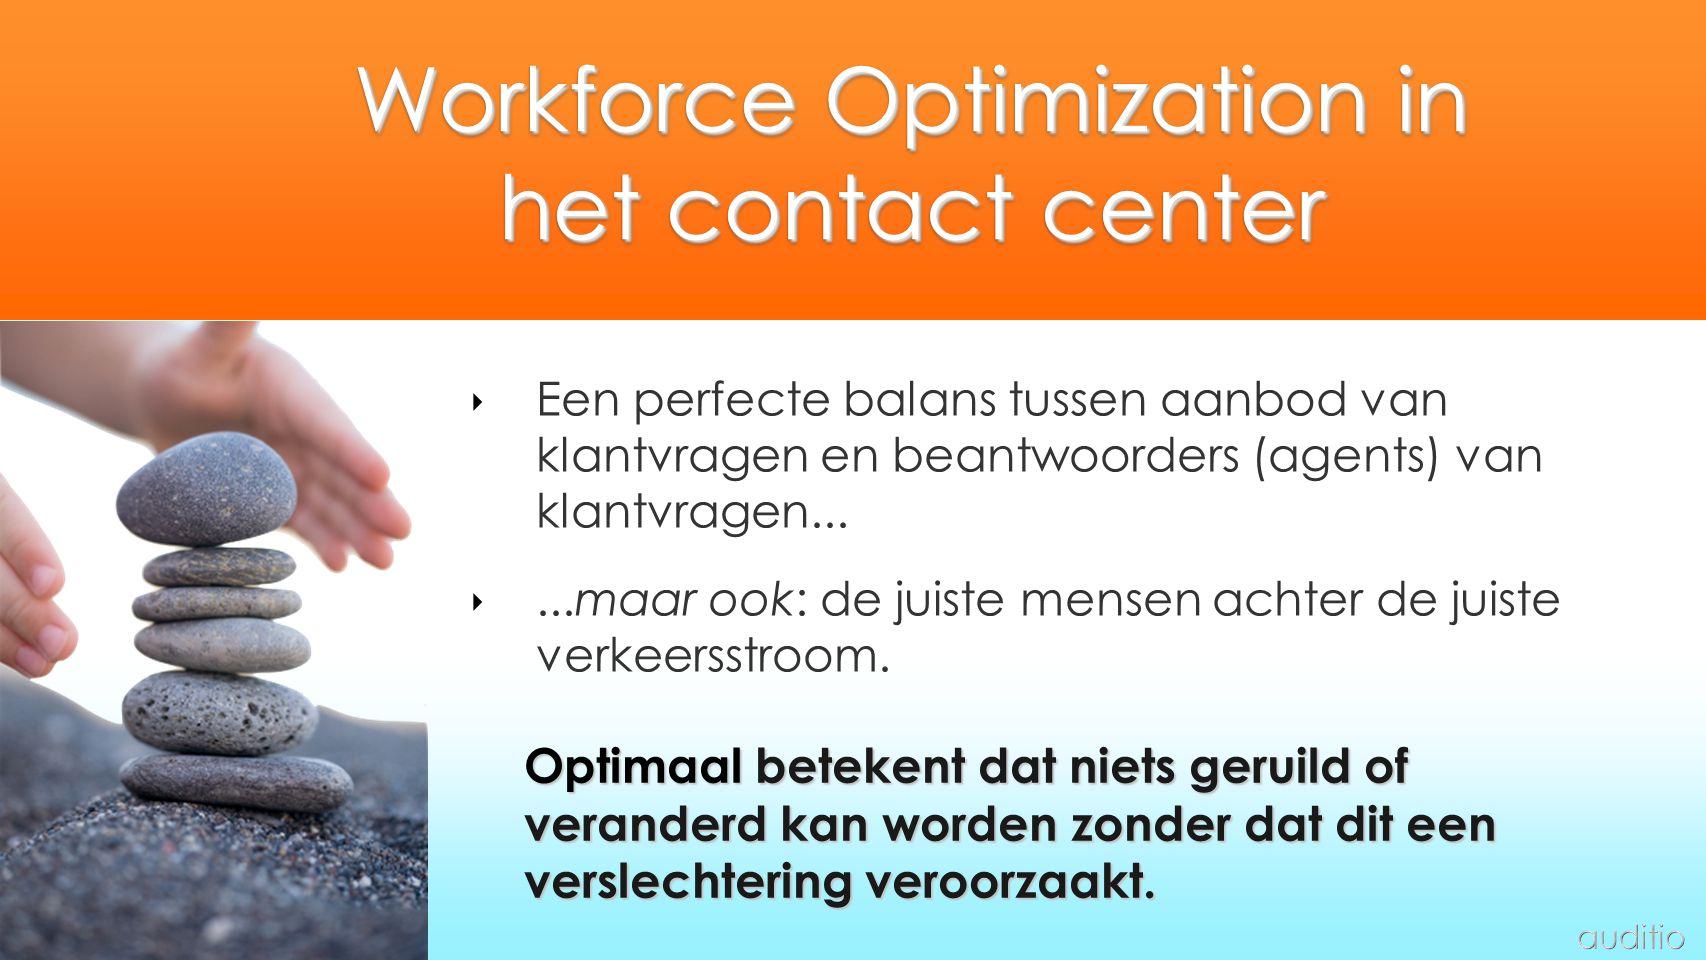 Workforce Optimization in het contact center ‣ Een perfecte balans tussen aanbod van klantvragen en beantwoorders (agents) van klantvragen... ‣...maar